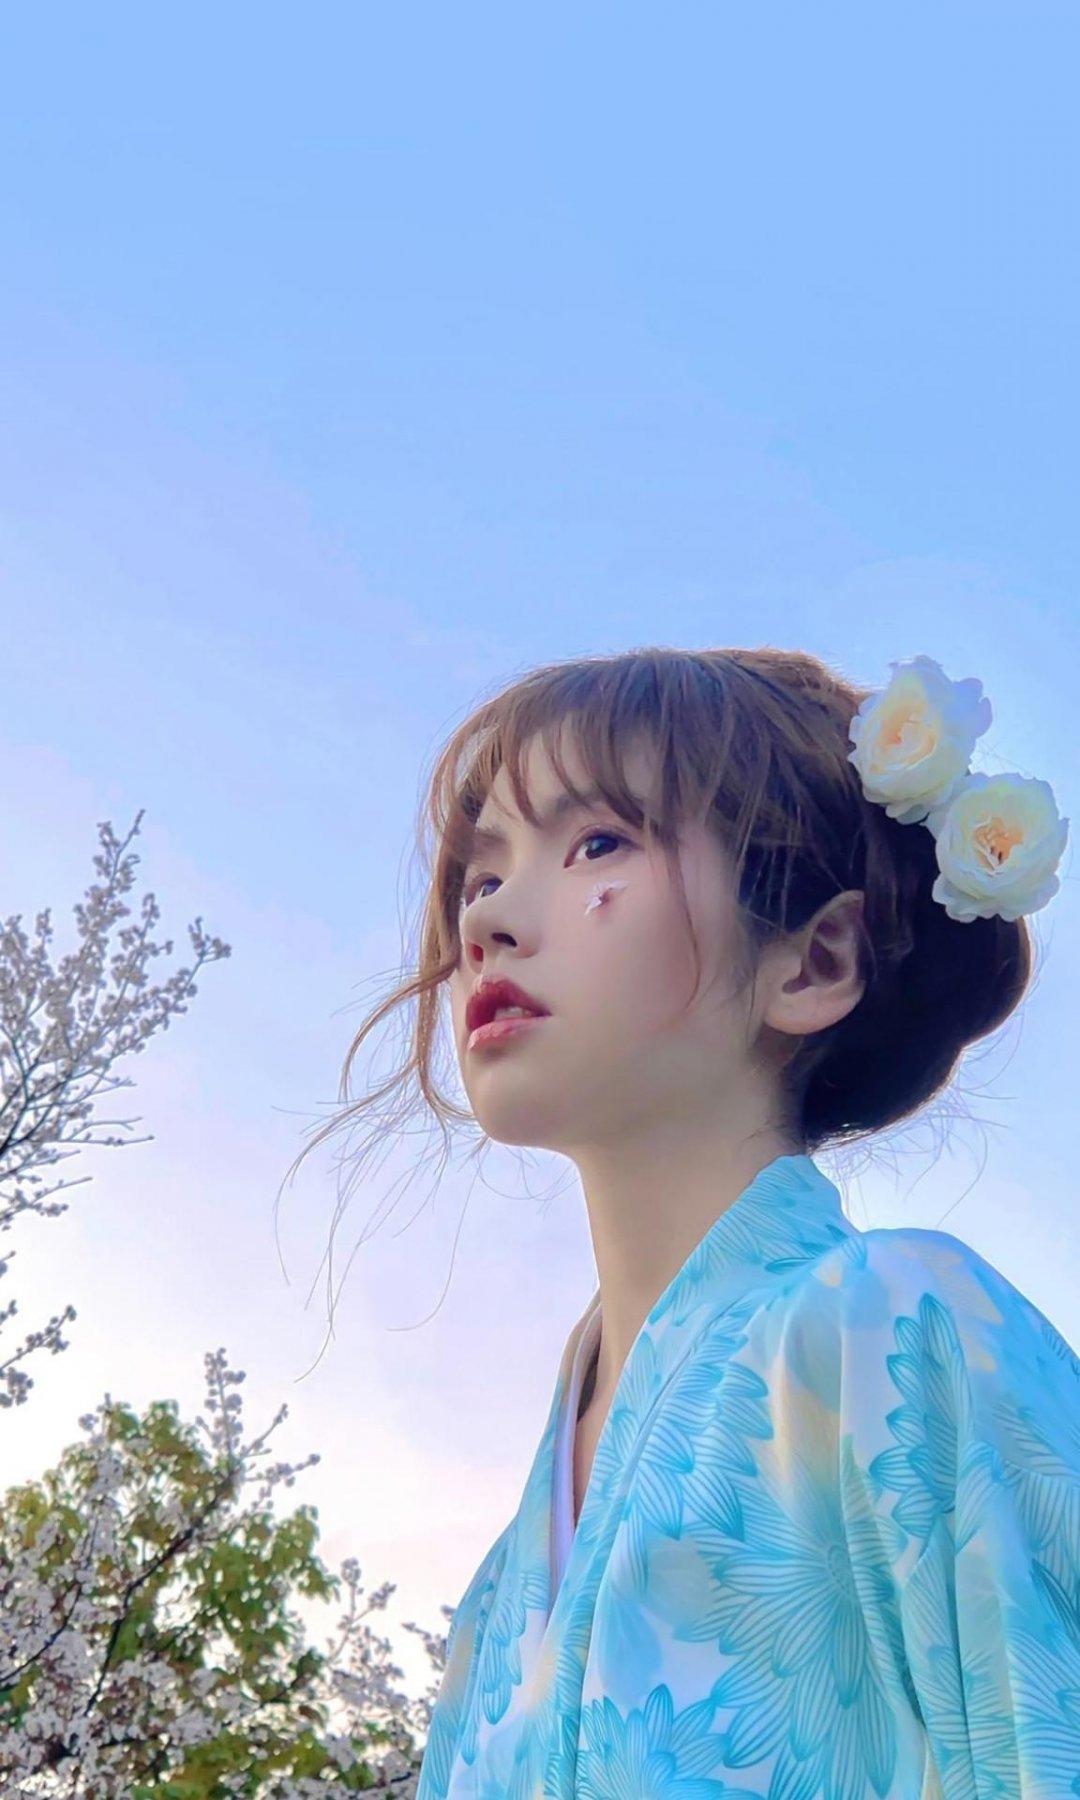 白嫩清纯少女迷人写真